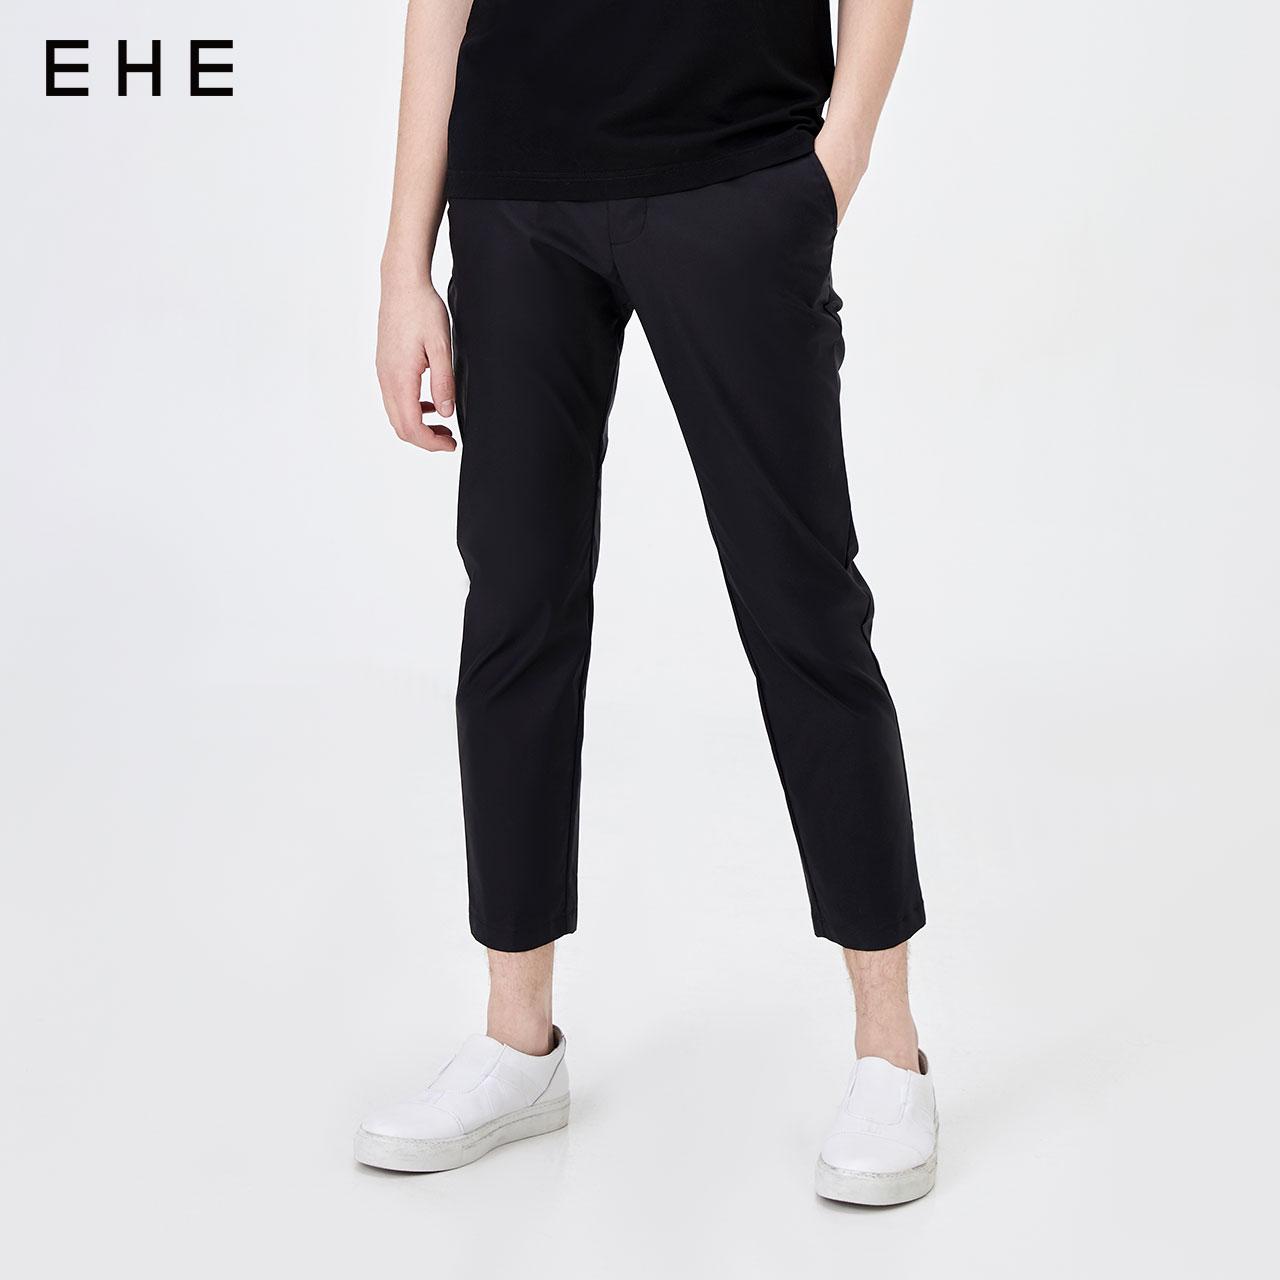 EHE男装 夏季新品束脚休闲裤男微弹小脚薄款休闲长裤66130172042